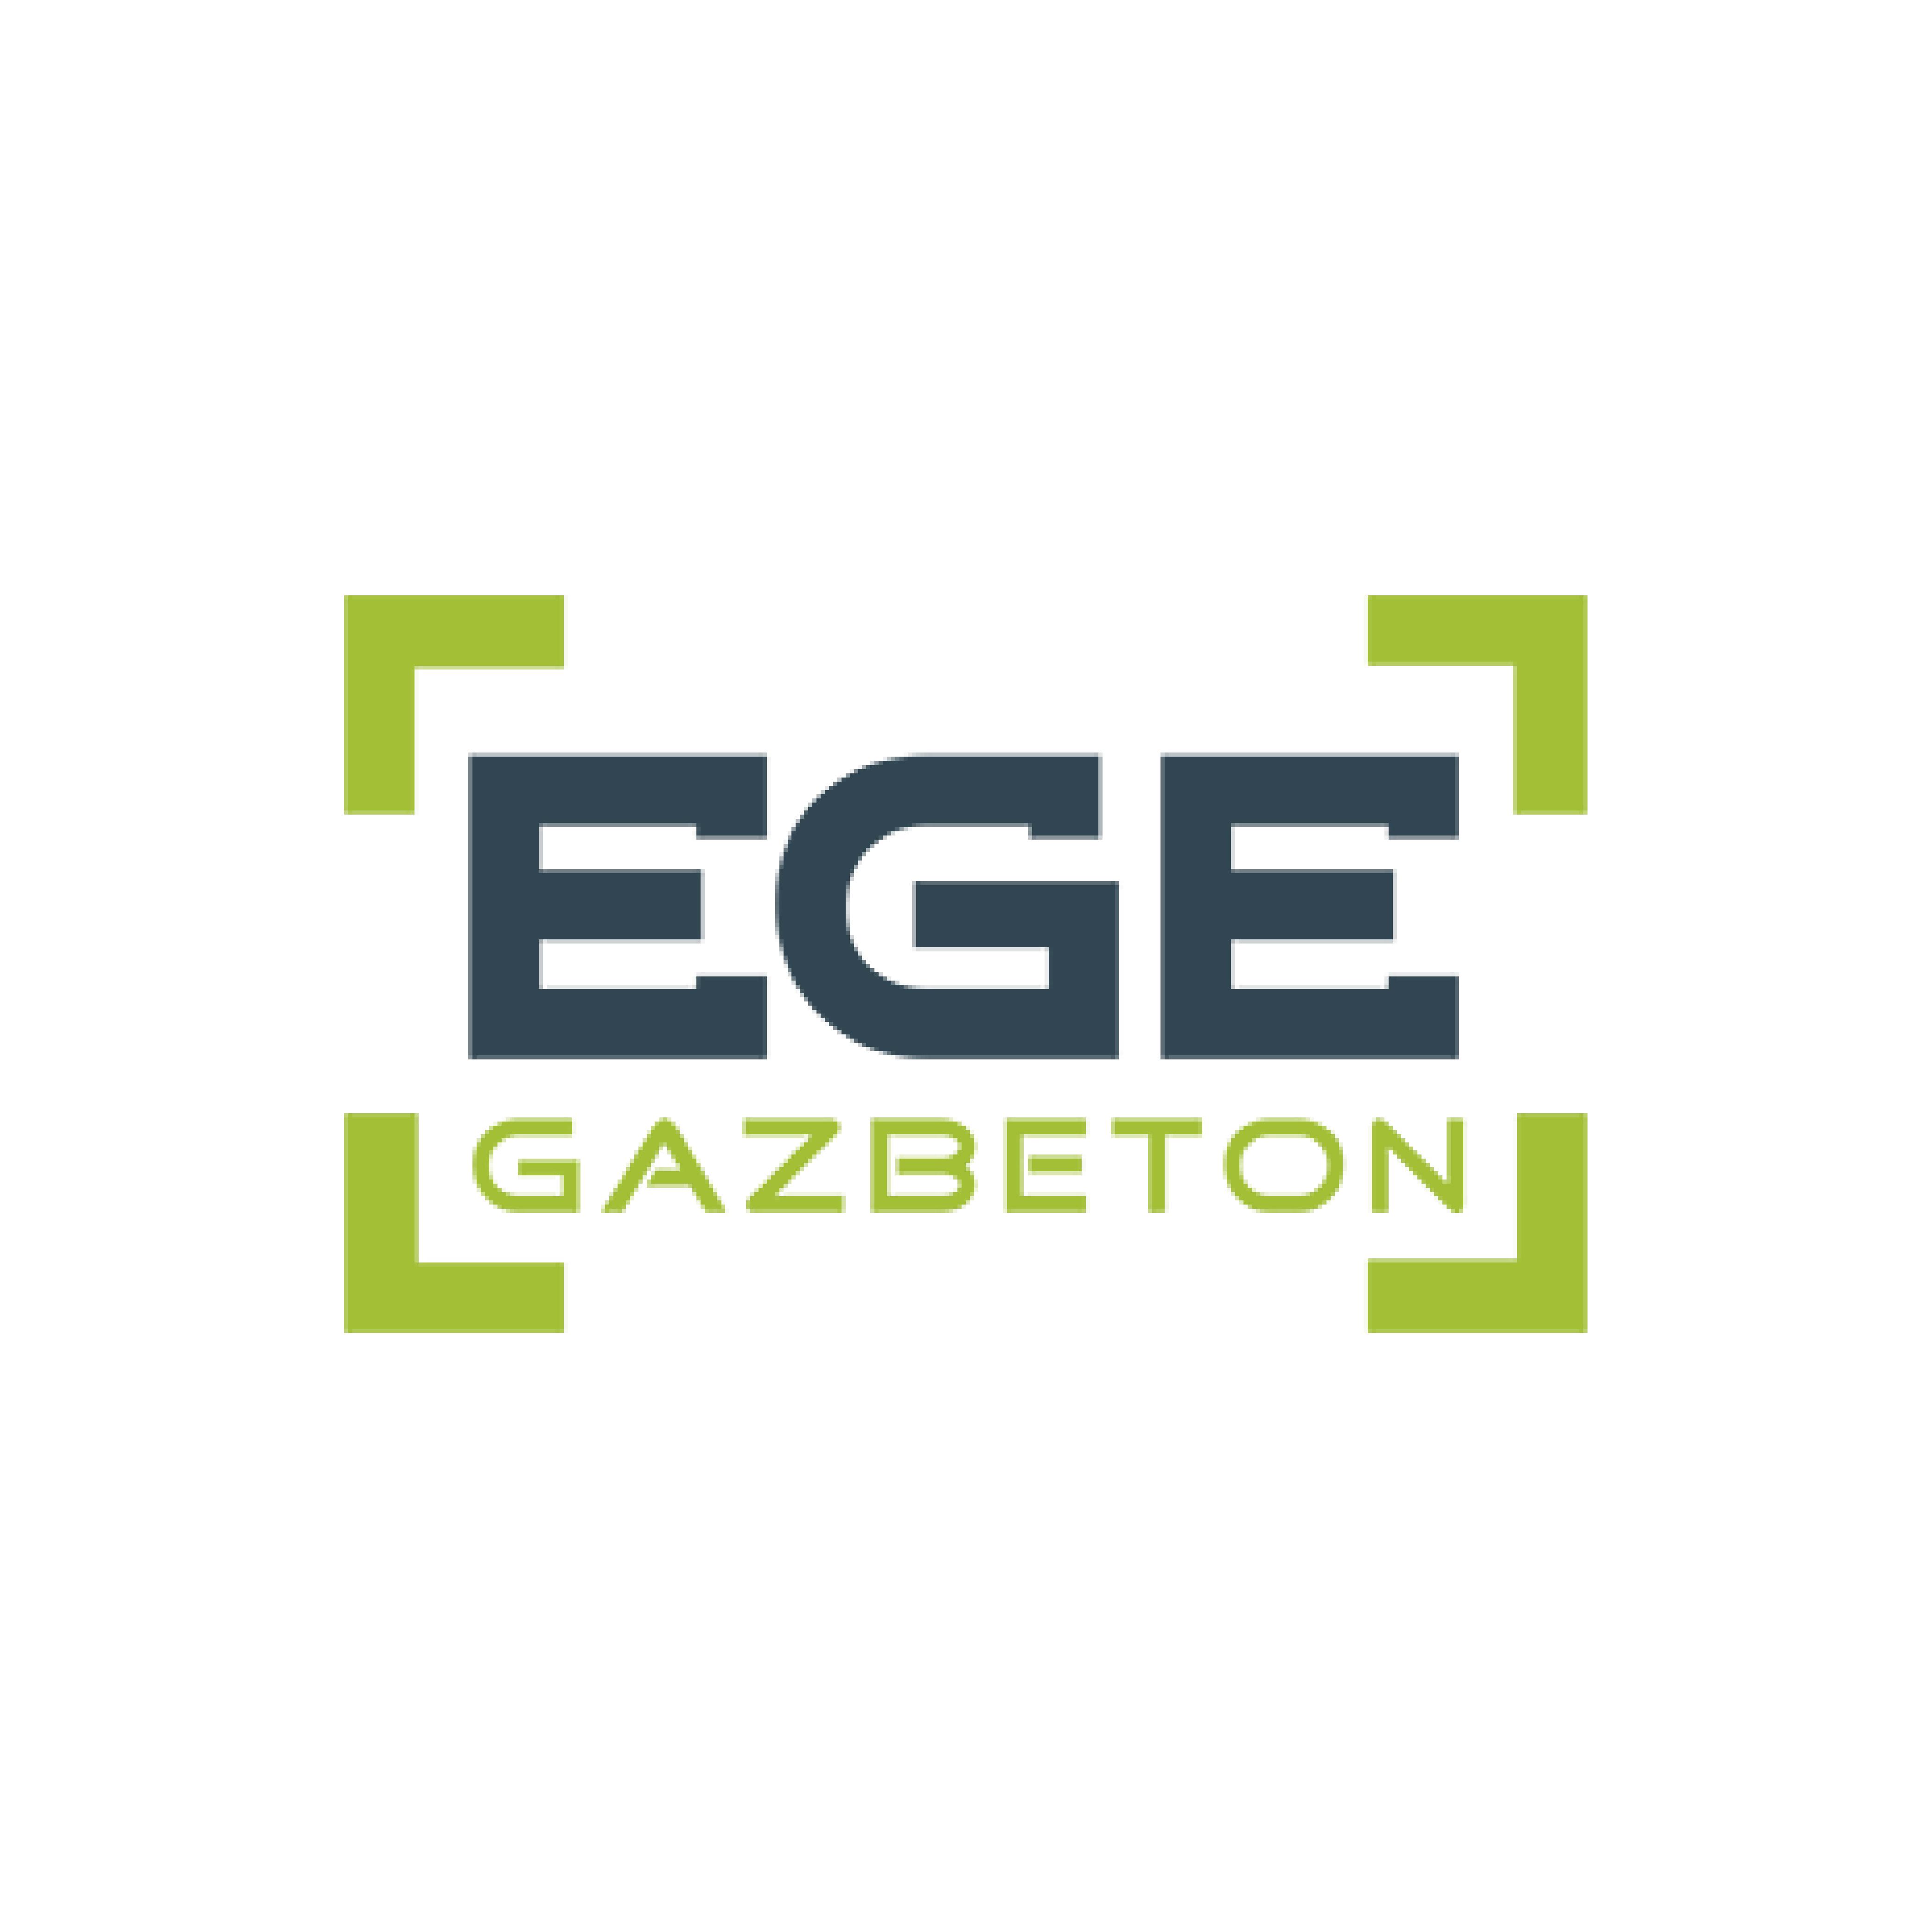 Ege Gazbeton